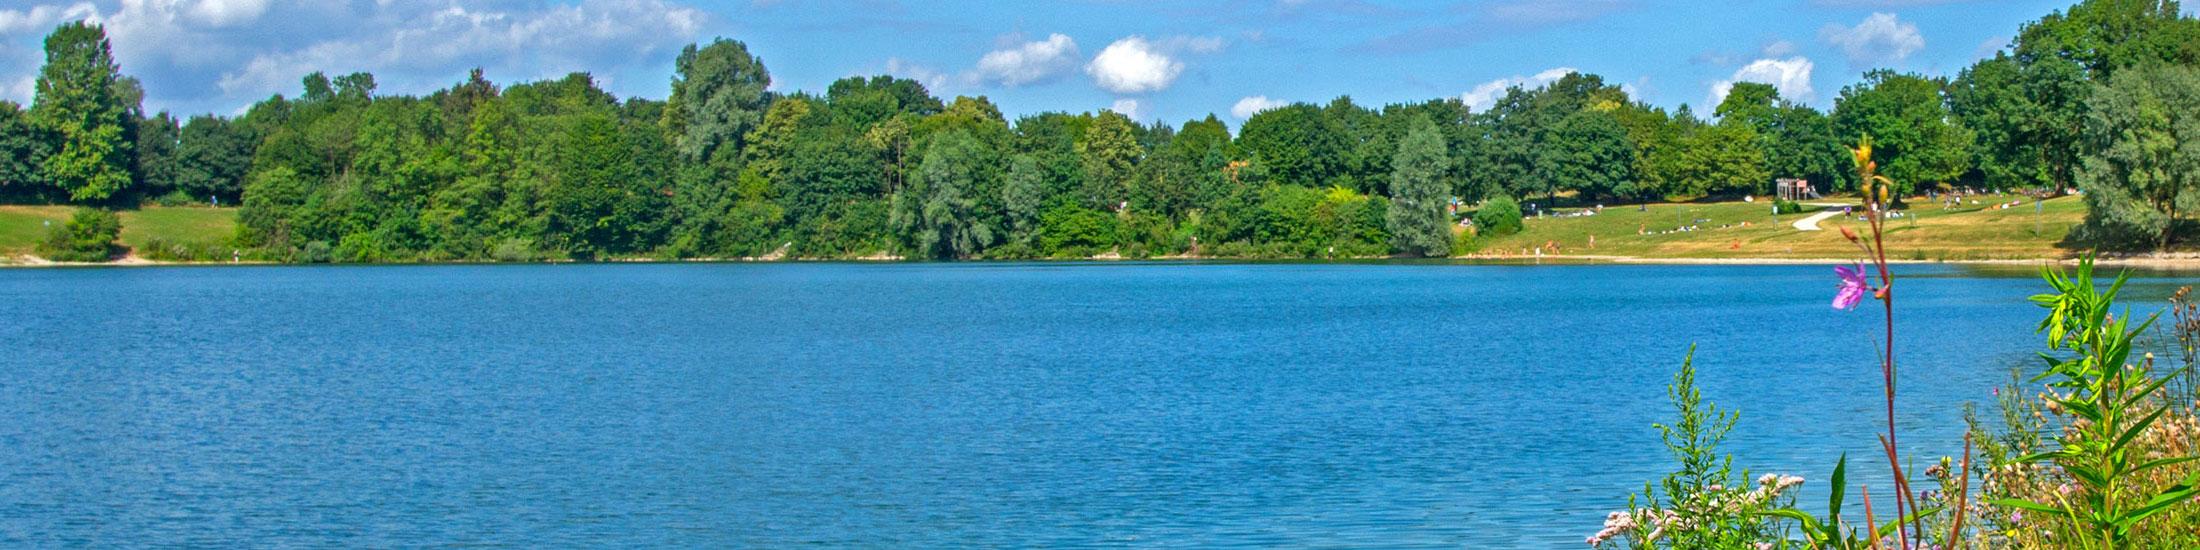 Das Erholungsgebiet Heimstettener See